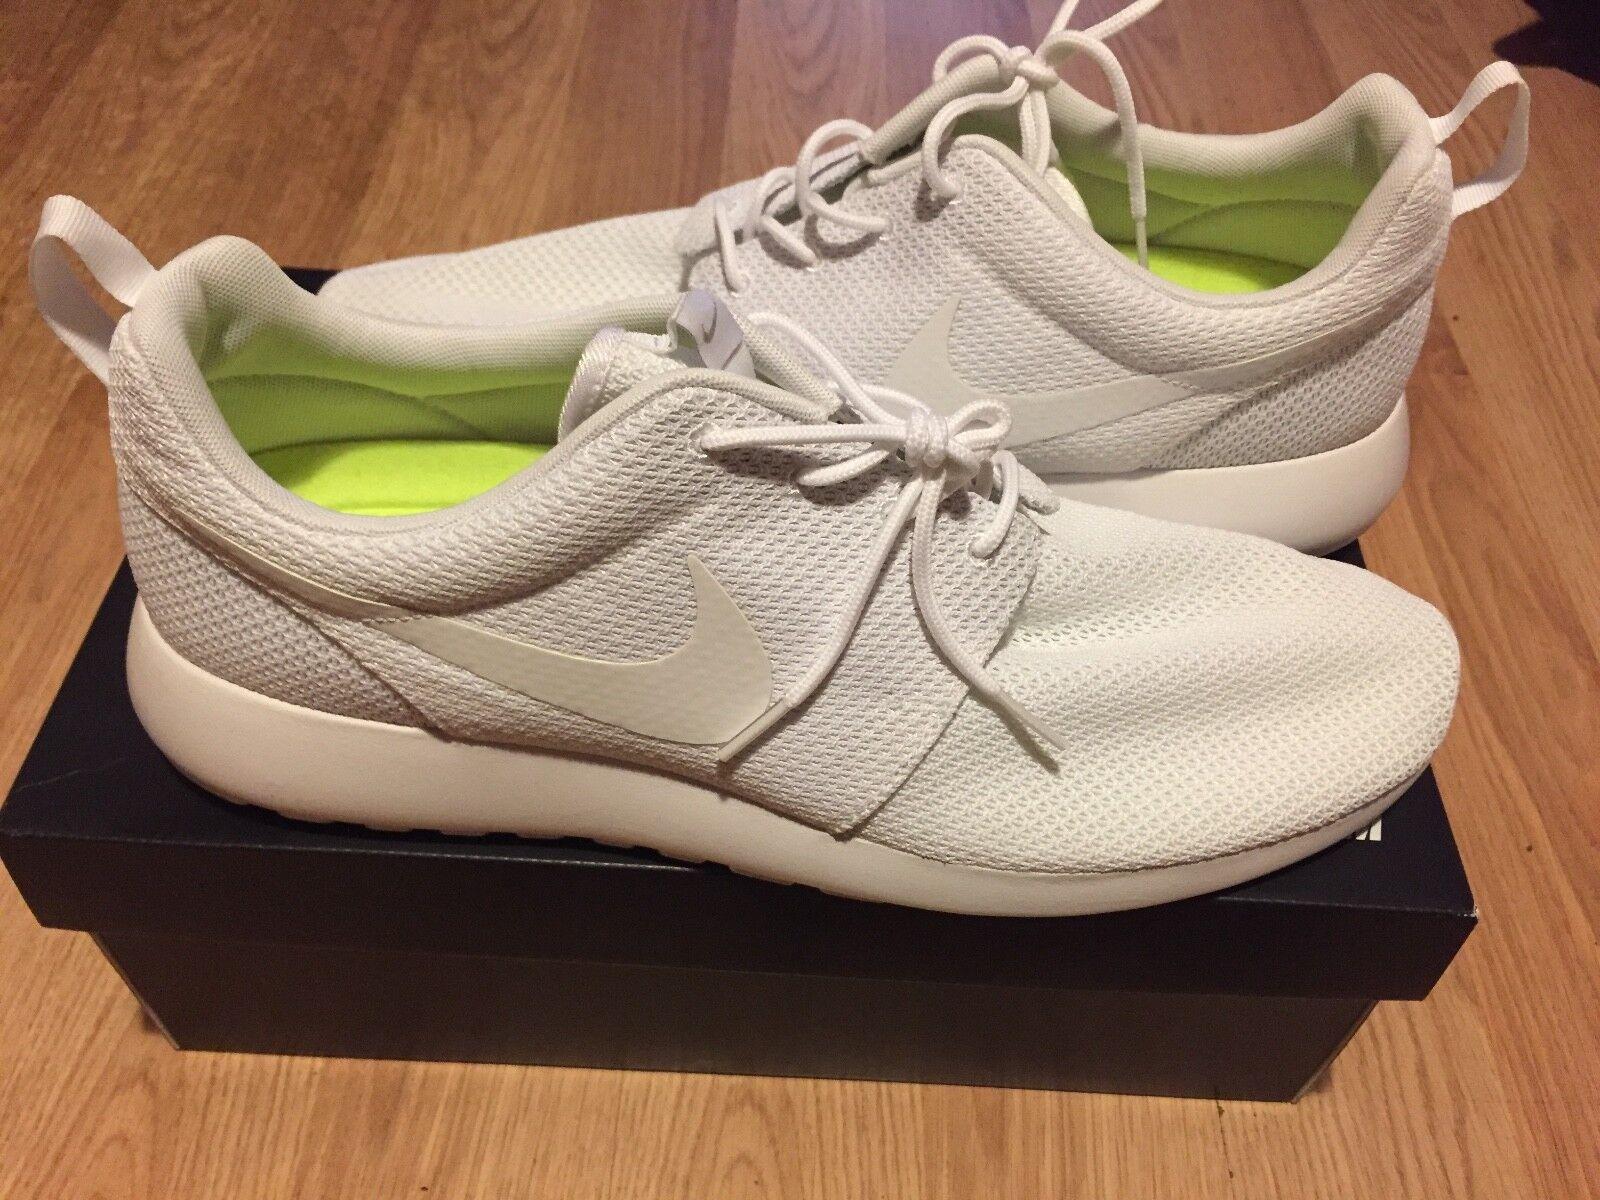 Brand New Nike Roshe Men's Size 14 All White Running shoes